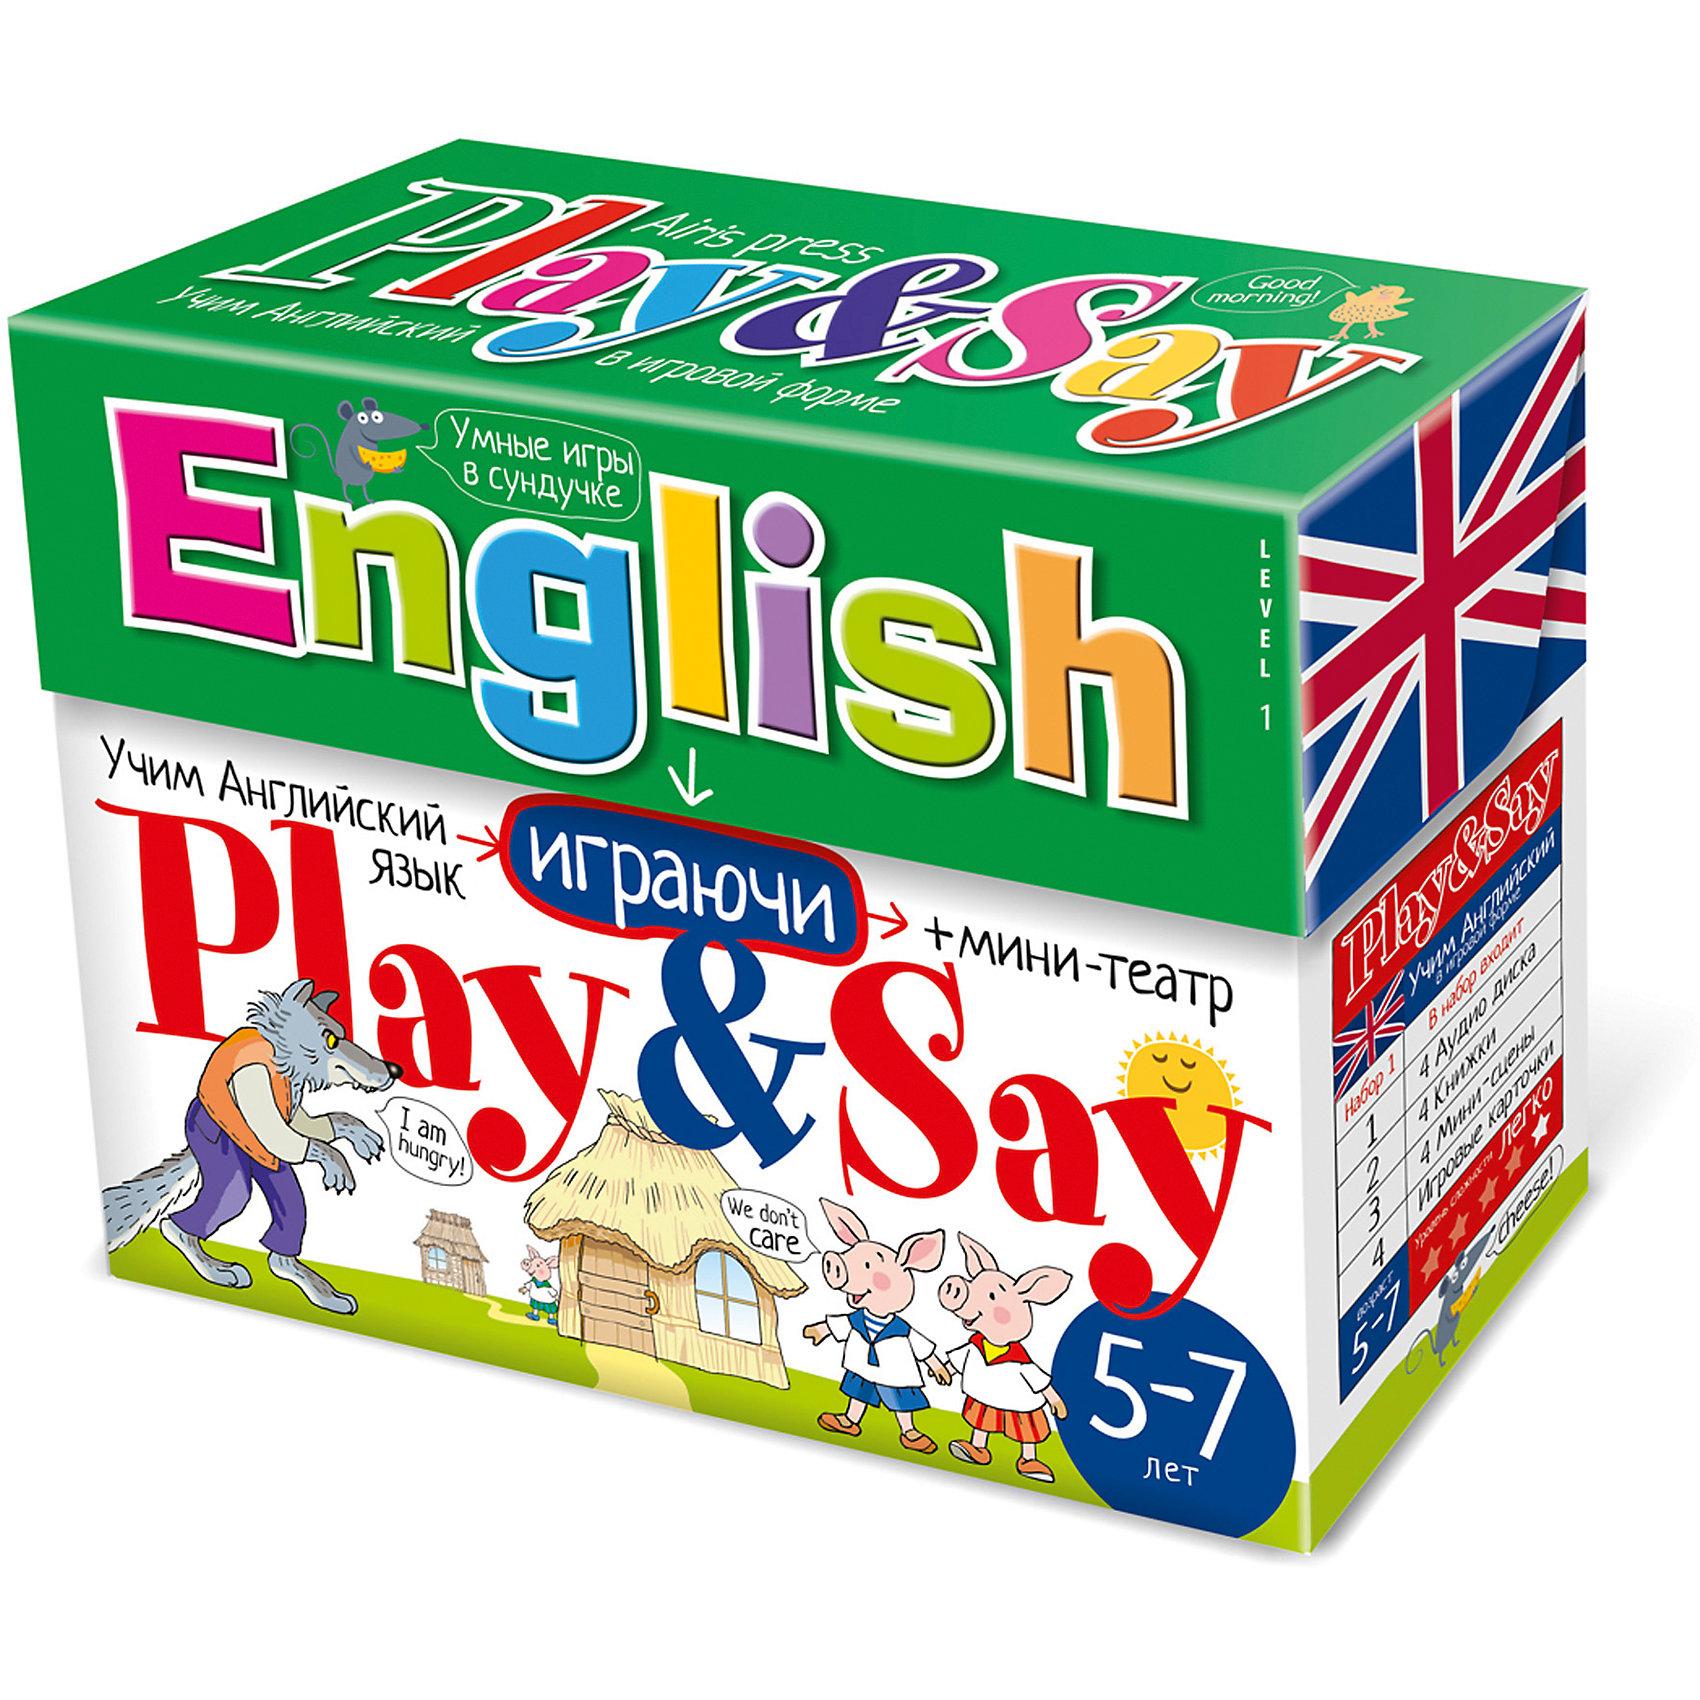 Учим английский язык Play&amp;Say, уровень 1Иностранный язык<br>Характеристики товара:<br><br>• возраст: от 5 лет<br>• комплектация: 4 книги со сказками («Три поросёнка», «Репка», «Теремок», «Кошка и мышка»); компакт-диск; набор игровых карточек; объемный мини-театр (4 мини-сцены, герои, предметы из сказок); сборник с методическими рекомендациями.<br>• производитель: Айрис-пресс<br>• серия: Умные игры в сундучке<br>• упаковка: картонная коробка-сундучок<br>• размер упаковки: 16,5х22,7х6,8 см.<br>• вес: 674 гр.<br><br>Набор Учим английский язык «Play&amp;Say», уровень 1 из серии «Умные игры в сундучке» поможет детям преодолеть языковой барьер и начать говорить по-английски.<br><br>В набор входят 4 книги со сказками, адаптированными специально для детей младшего школьного возраста («Три поросёнка», «Репка», «Теремок», «Кошка и мышка»). К сказкам прилагается компакт-диск, на котором представлены аудиозаписи сказок. Также в сундучке вы найдёте набор игровых карточек, разработанный таким образом, что ребёнок во время игры сможет с удовольствием и не заметно для себя выучить новые английские слова (более 200 слов), научиться строить предложения в настоящем времени, вести диалог, описывать героев и комментировать события. В набор также входит объемный мини-театр с игровыми фигурками (4 мини-сцены, герои и предметы из сказок). Мини-театр позволит разыграть четыре спектакля по мотивам входящих в набор сказок.<br><br>Кроме того, в сундучке вы найдёте сборник с методическими рекомендациями, который поможет вам правильно организовать работу со всеми элементами набора.<br><br>Набор Учим английский язык Play&amp;Say, уровень 1 можно купить в нашем интернет-магазине.<br><br>Ширина мм: 65<br>Глубина мм: 220<br>Высота мм: 165<br>Вес г: 670<br>Возраст от месяцев: -2147483648<br>Возраст до месяцев: 2147483647<br>Пол: Унисекс<br>Возраст: Детский<br>SKU: 6849581